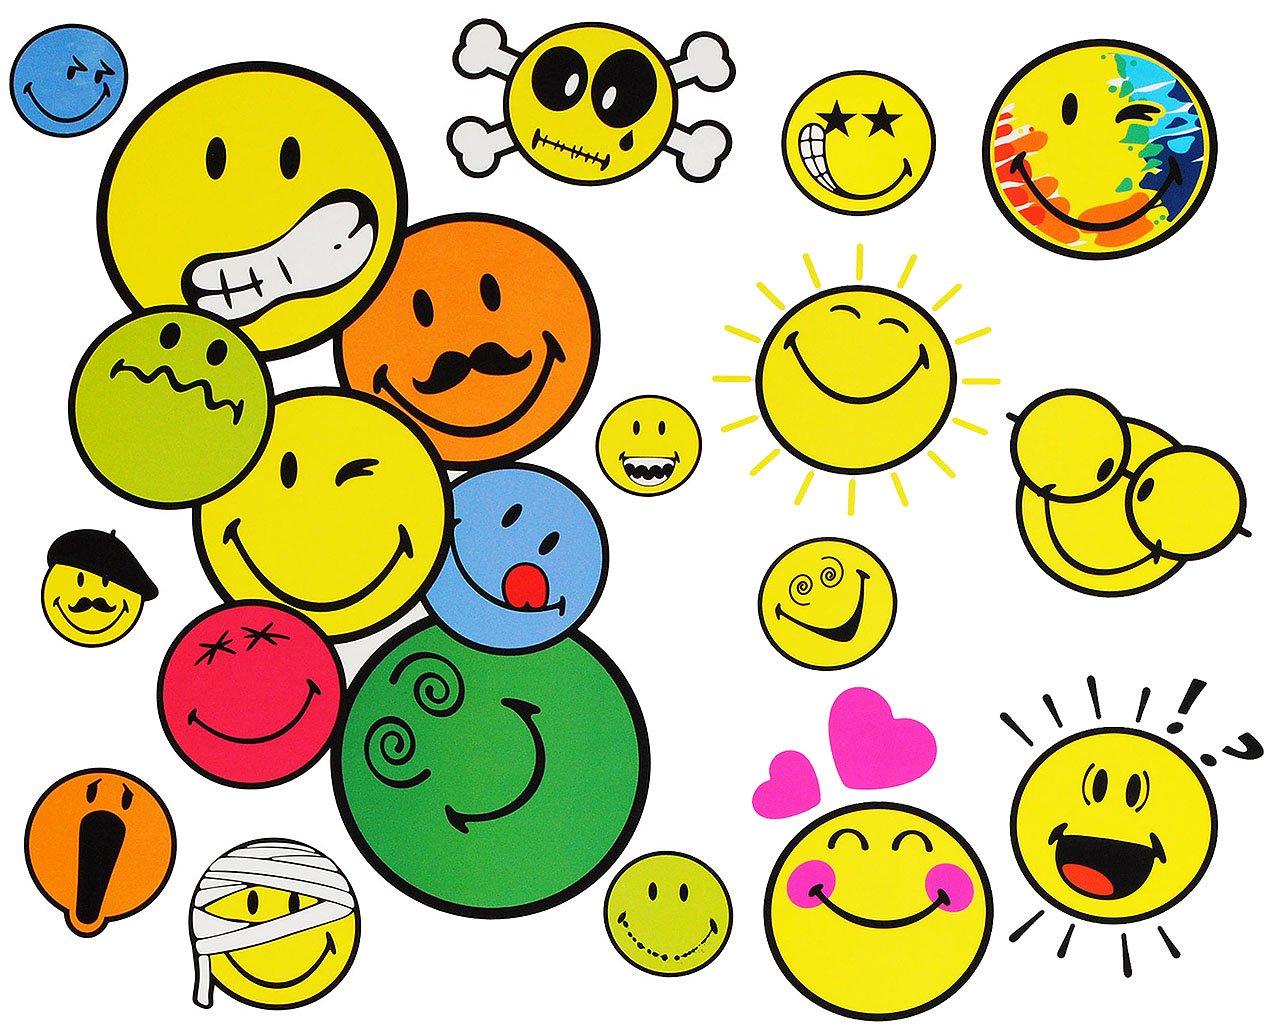 Unbekannt 15 TLG. Set _ Wandtattoo / Sticker + Fensterbilder -  Smiley World / Smilie  - incl. Name - Wandsticker + Fenstersticker - Aufkleber für Kinderzimmer - Smil..